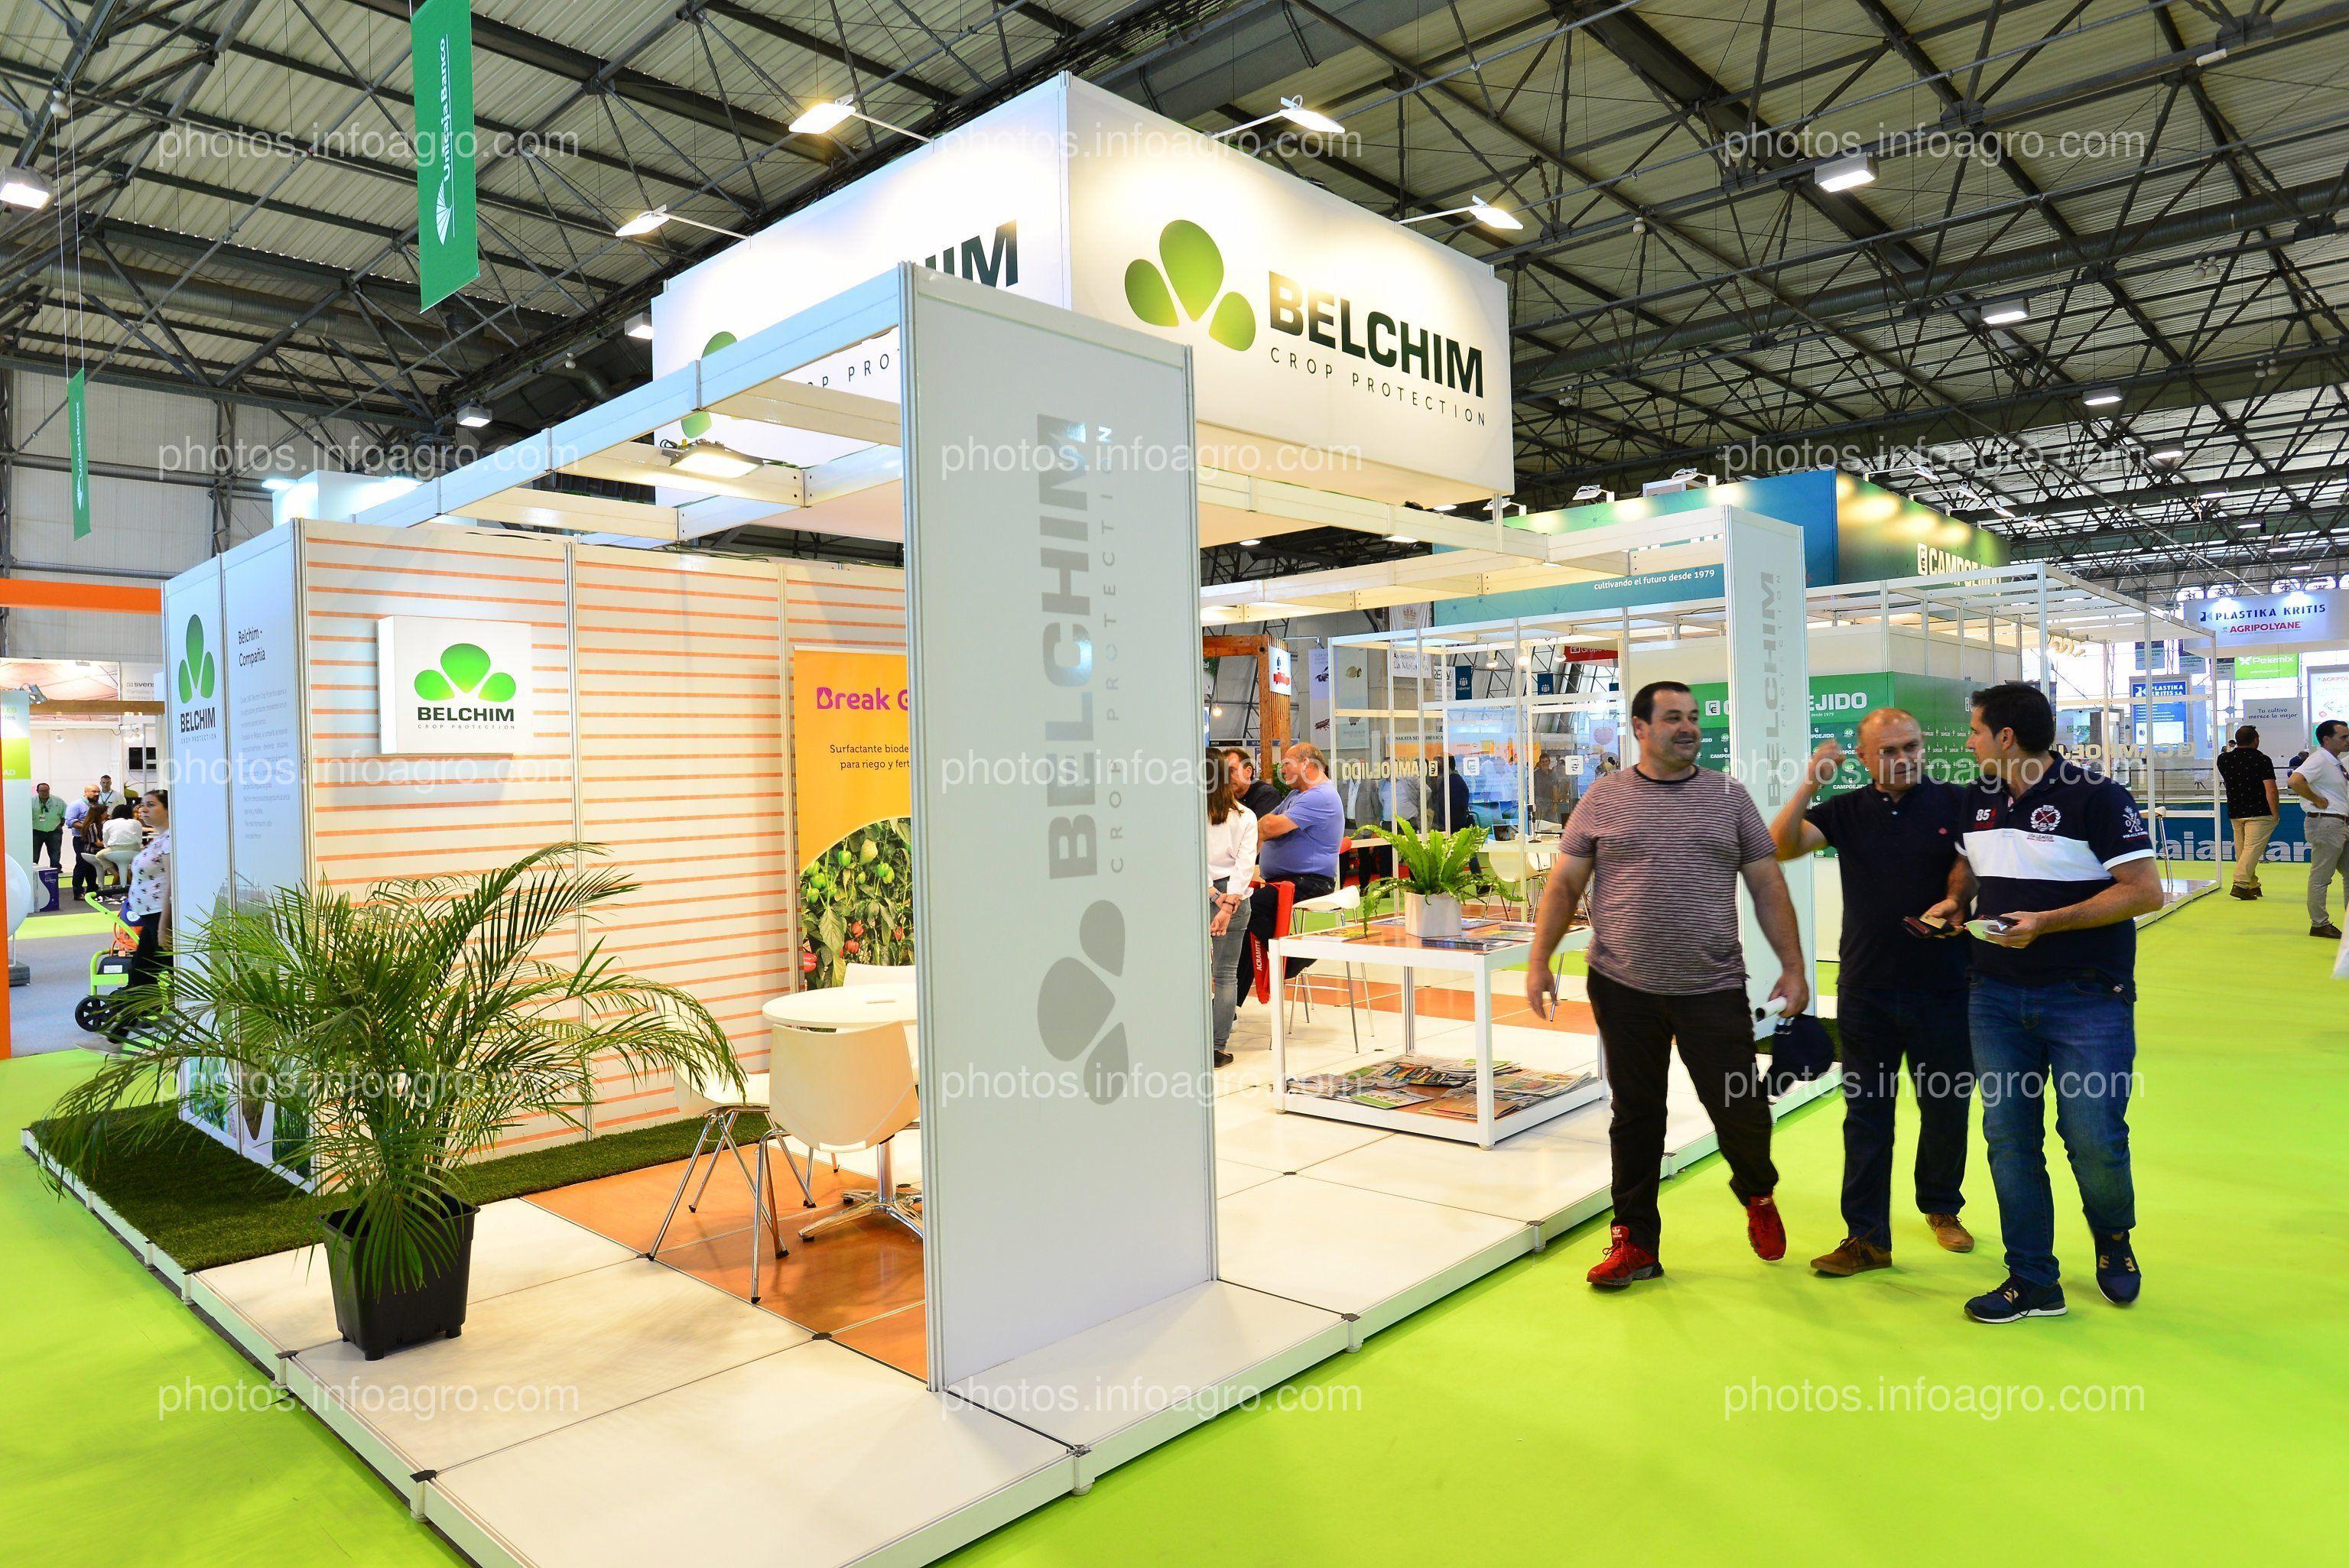 Belchim - Stand Infoagro Exhibition